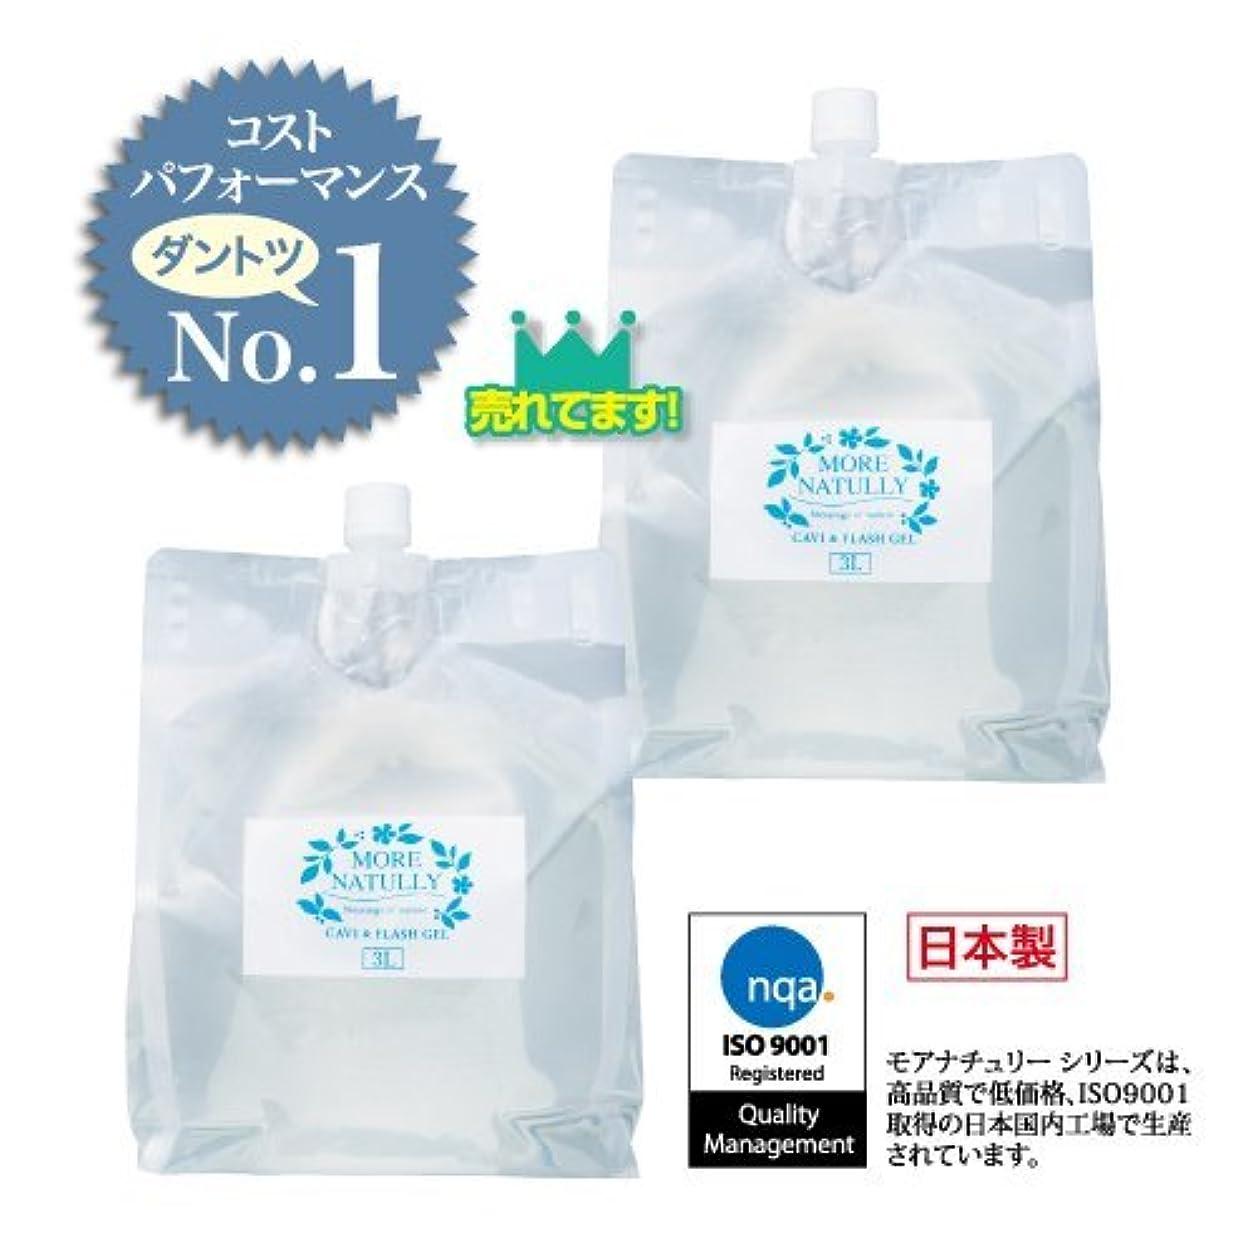 シンカン航海応じるモアナチュリー キャビ&フラッシュジェル 【ソフト】3kg×2袋